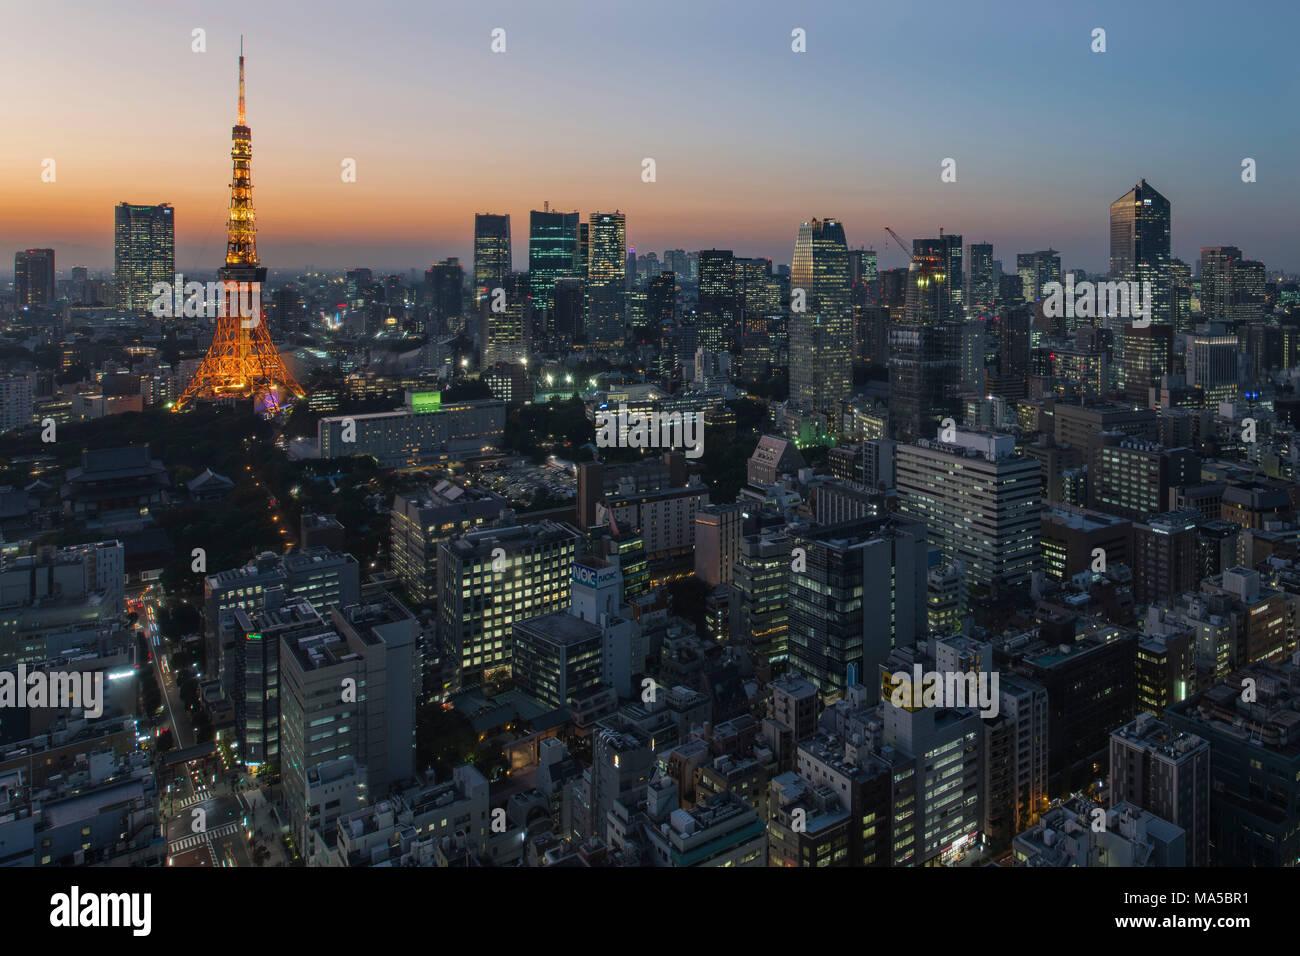 Asia, Giappone, Nihon, Nippon, Tokyo, città panoramica, Hamamatsucho stadium, vista da Tokyo World Trade Center Immagini Stock